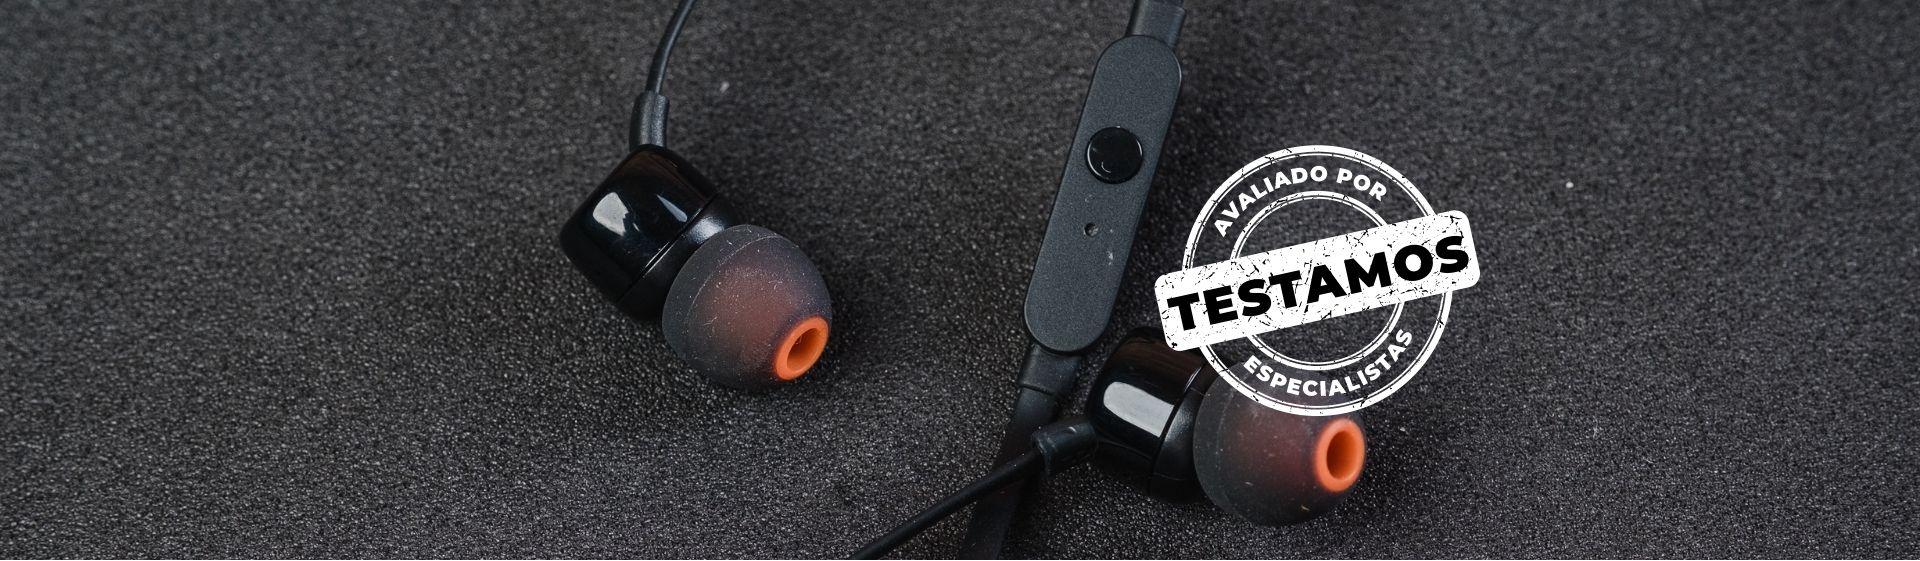 JBL Tune 110: fone tem design simples, som de qualidade e preço baixo